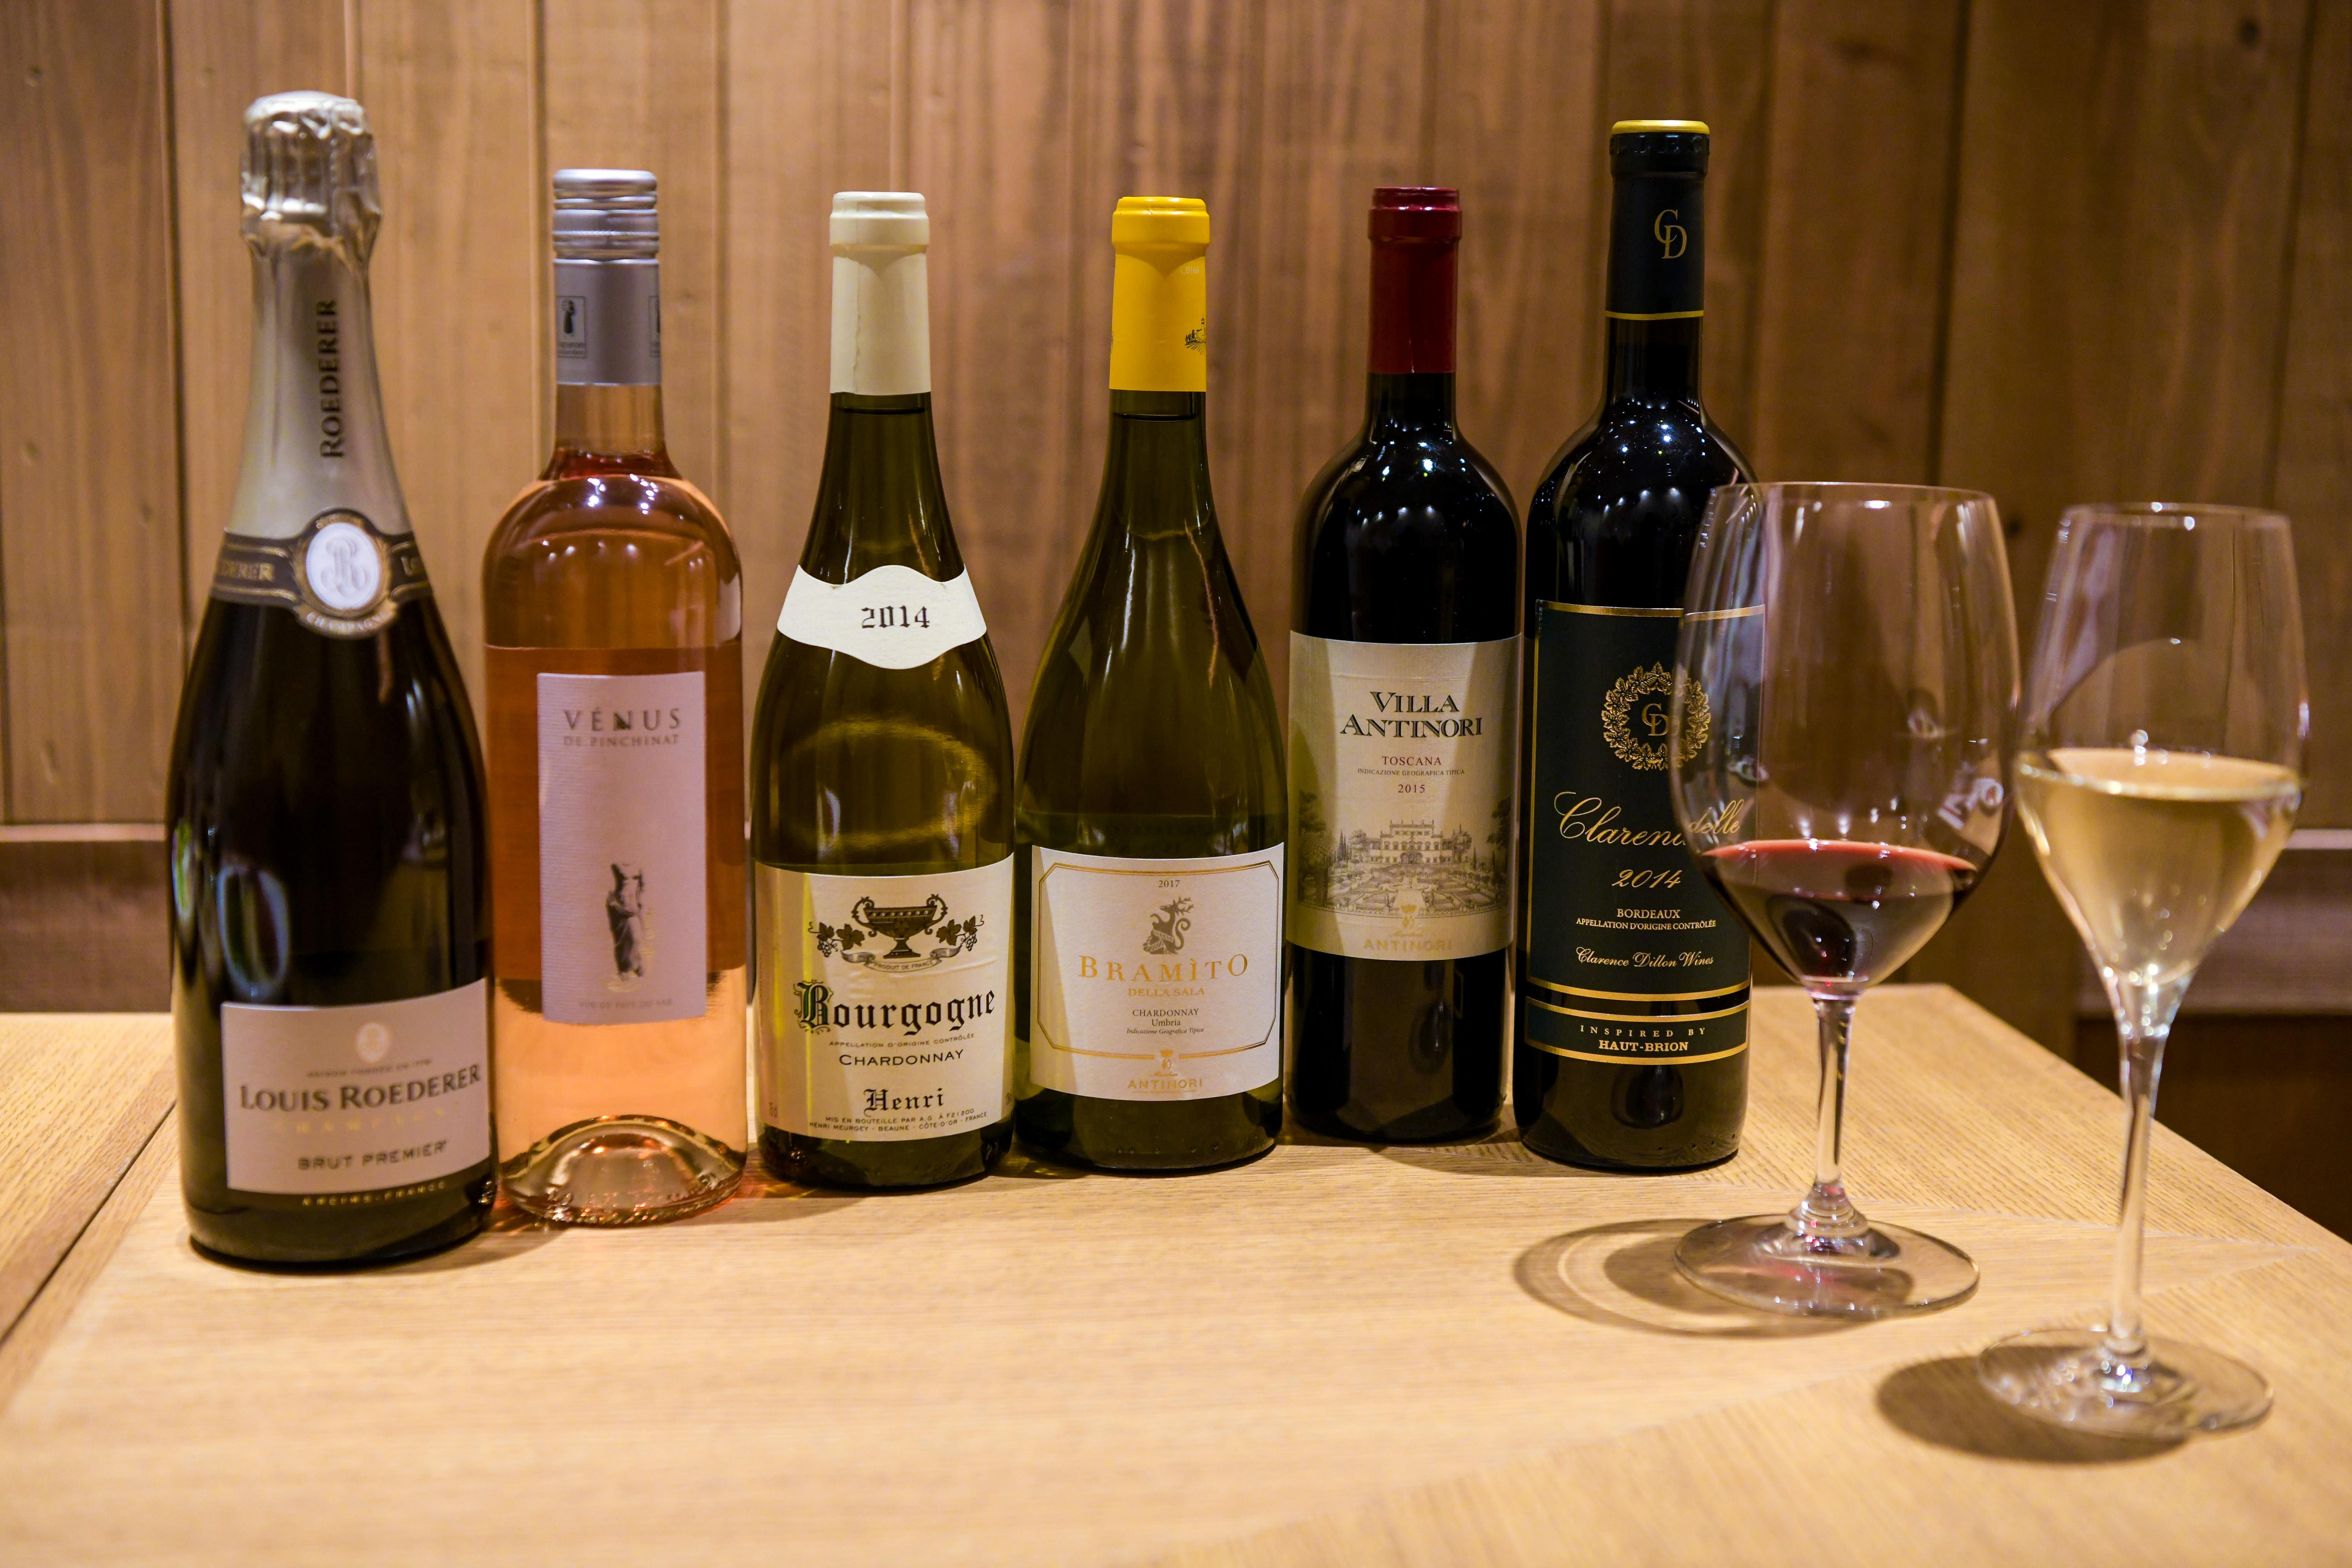 テーブルの上に並ぶ2つのワイングラスと数種のワイン